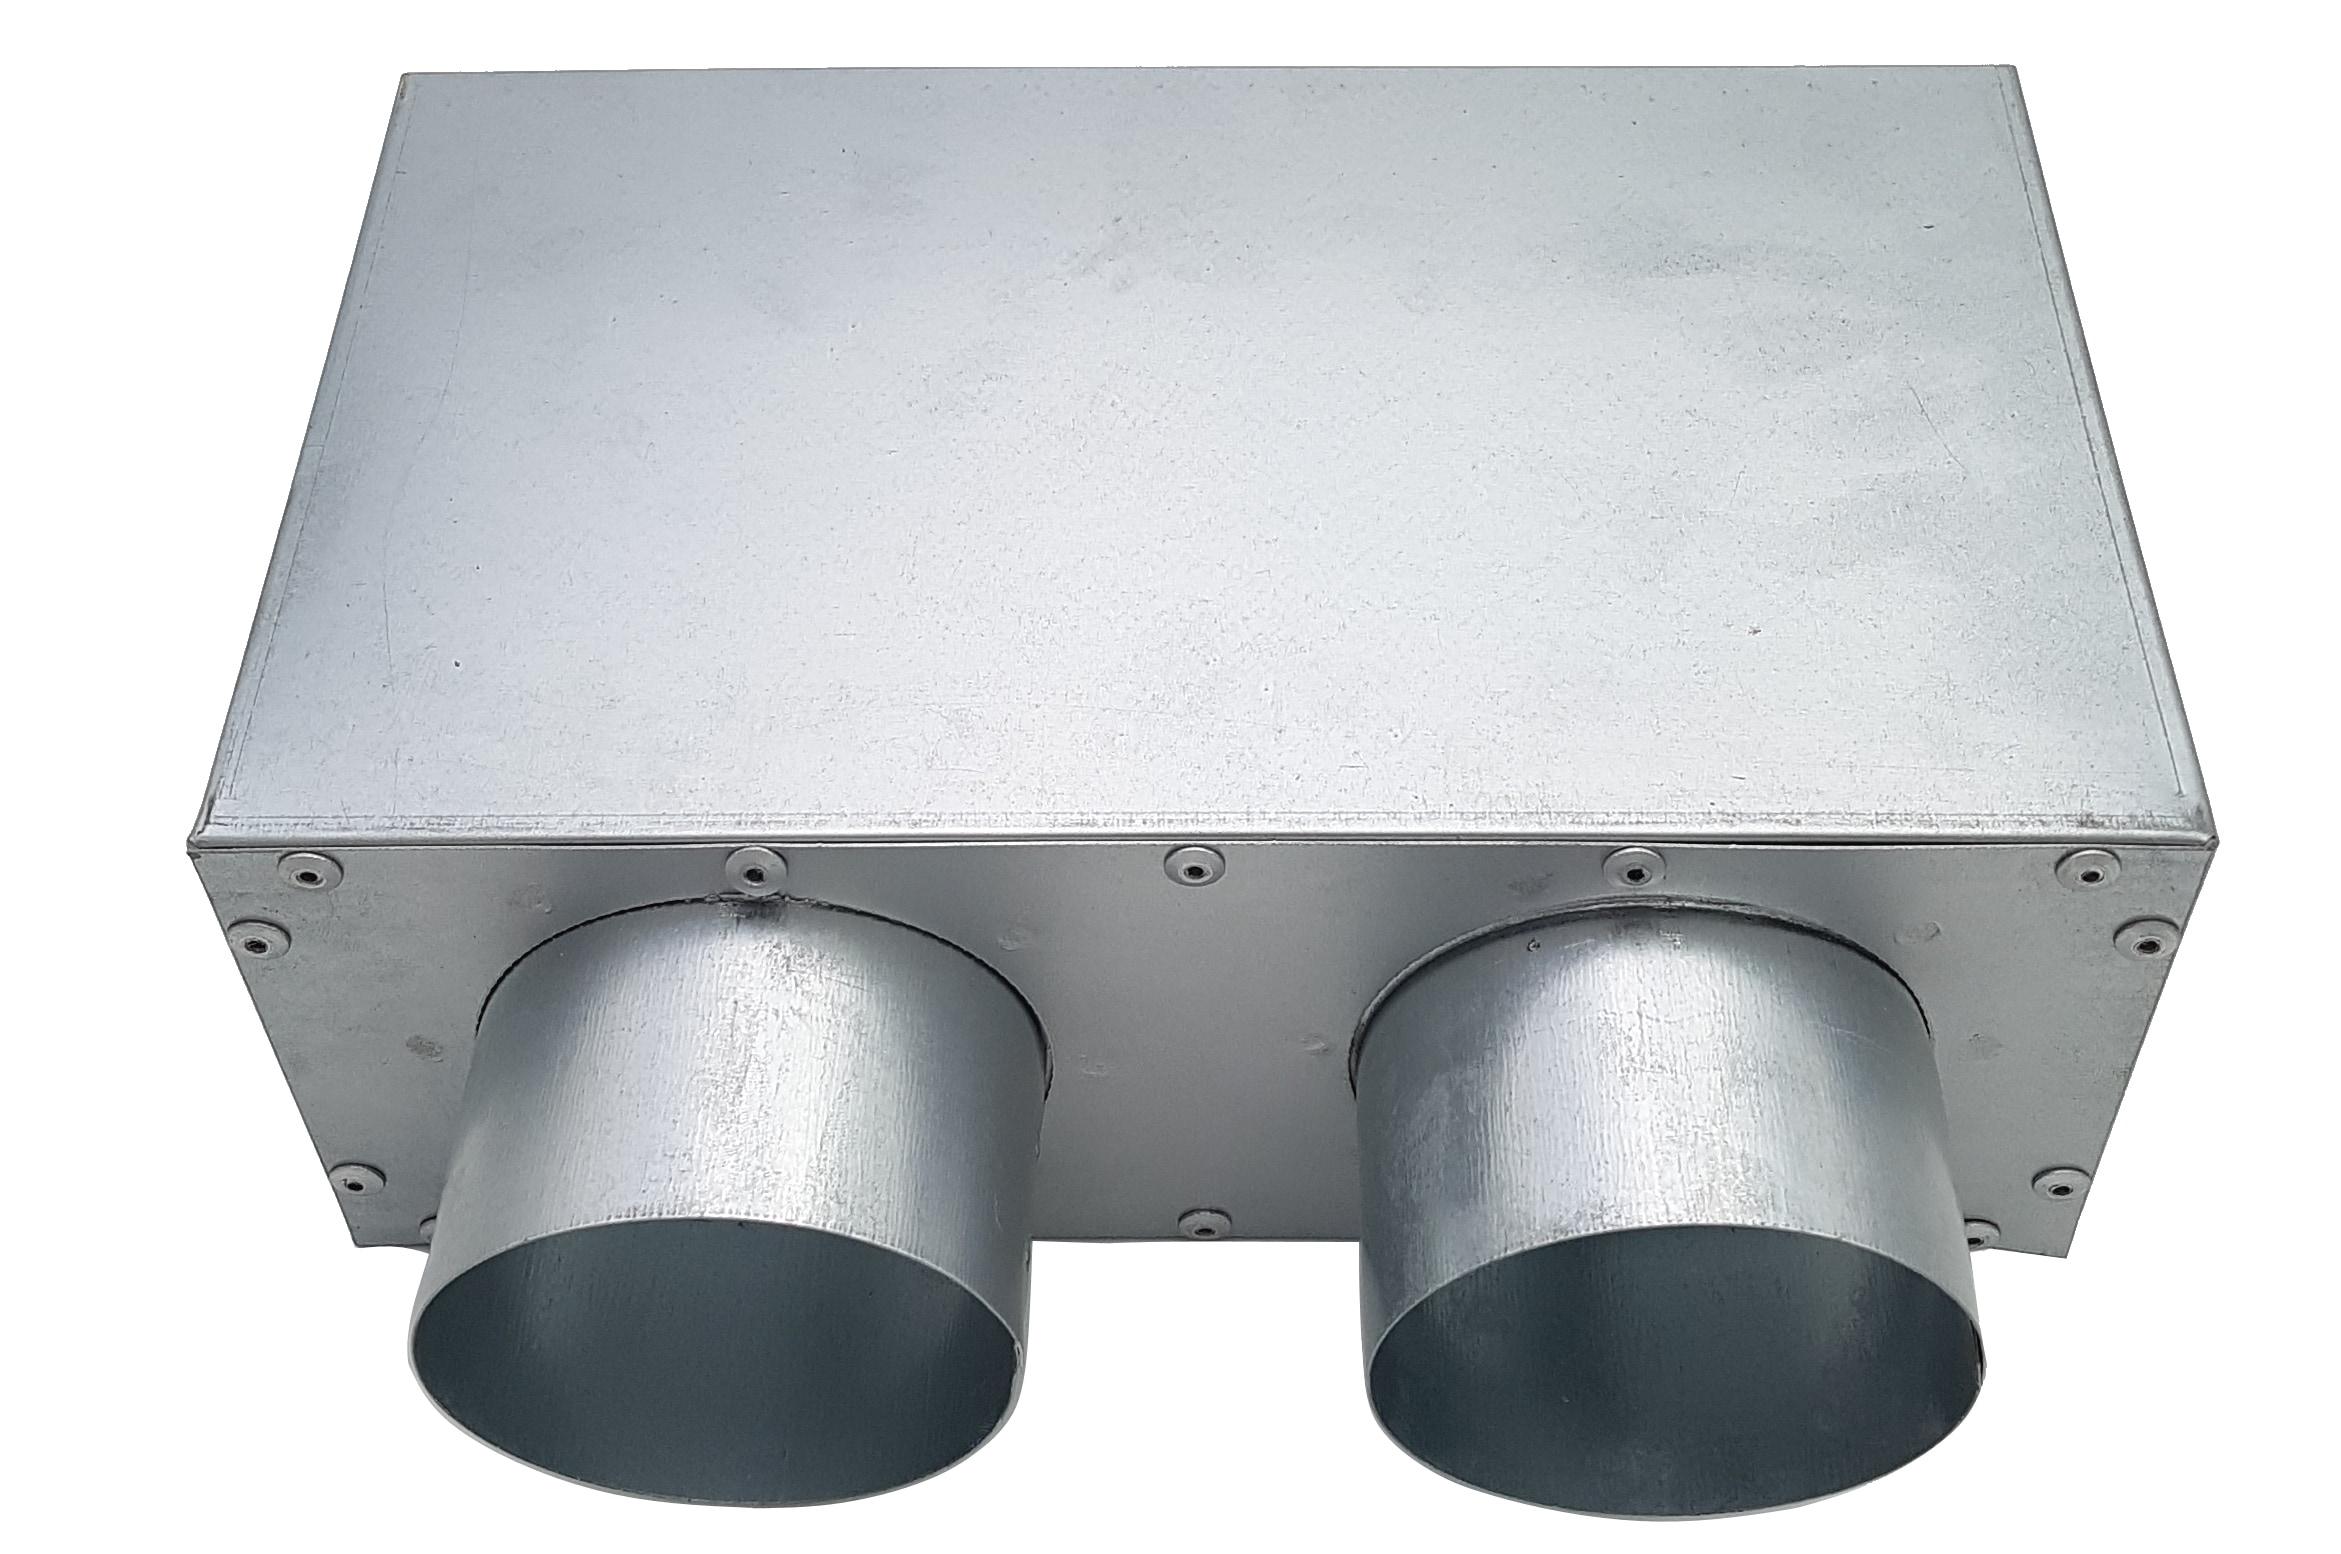 Anschlusskasten für Fußbodengitter, 2x Ø 75 mm Anschluss von unten